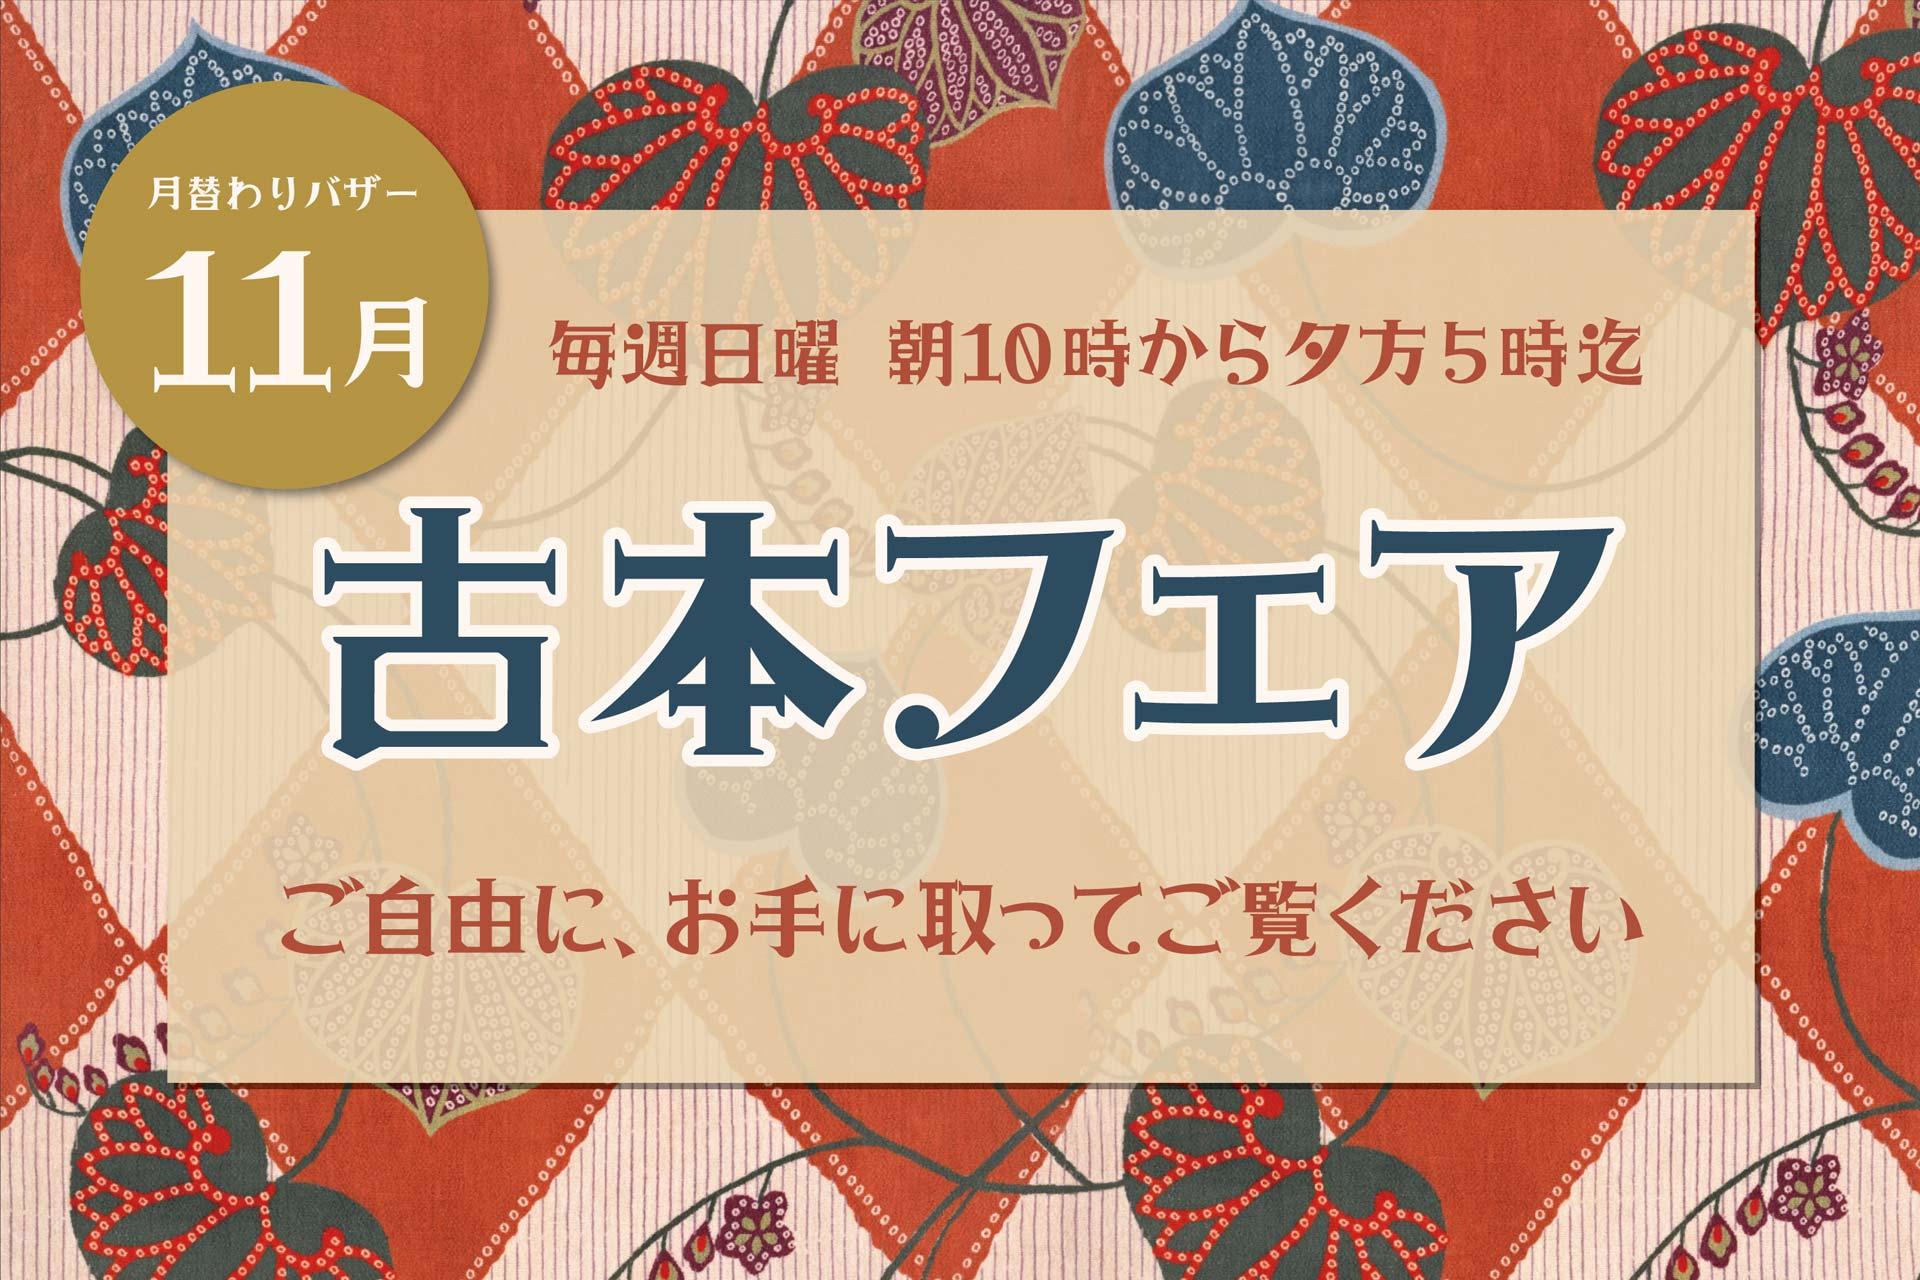 商用ok&かわいい手書き風日本語フォント集が3,240円 - デザインポケット